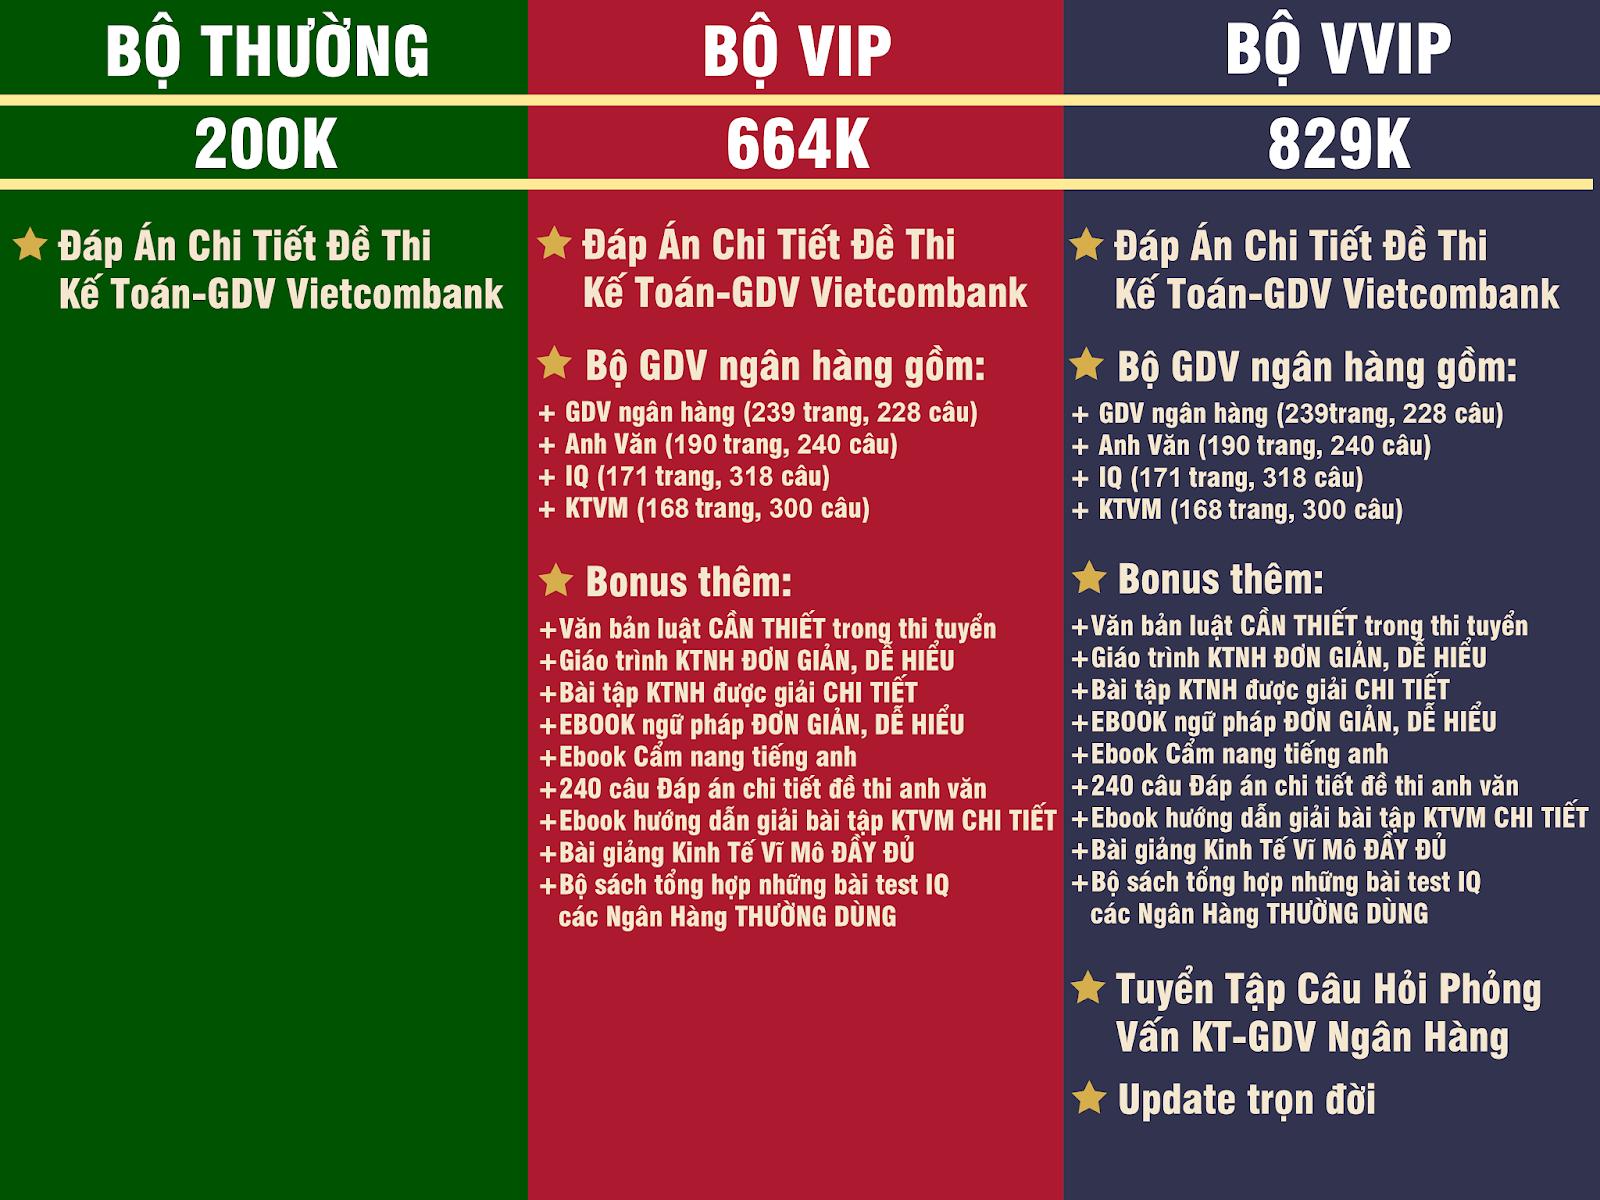 Đáp Án Chi Tiết Đề Thi Kế Toán Giao Dịch Viên Vietcombank